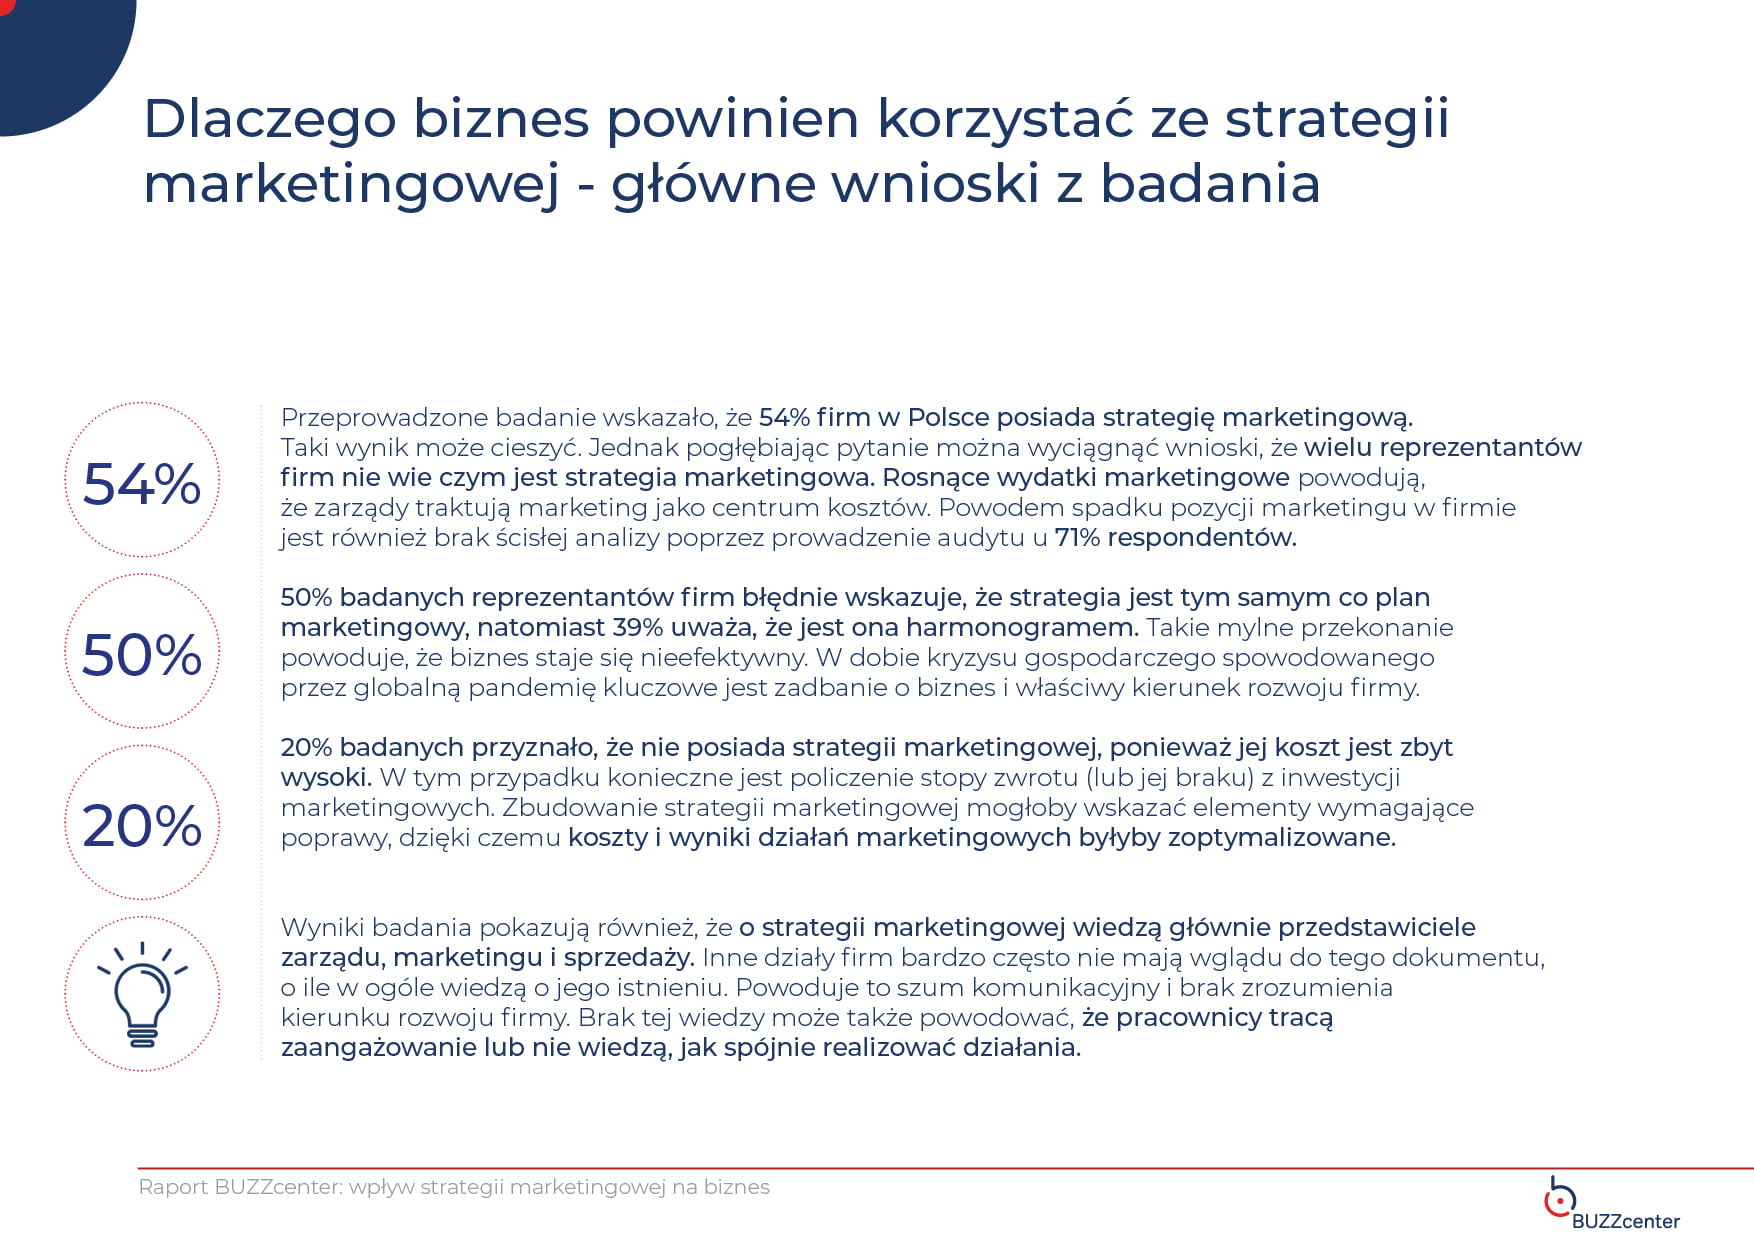 strategia marketingowa główne wnioski z badania